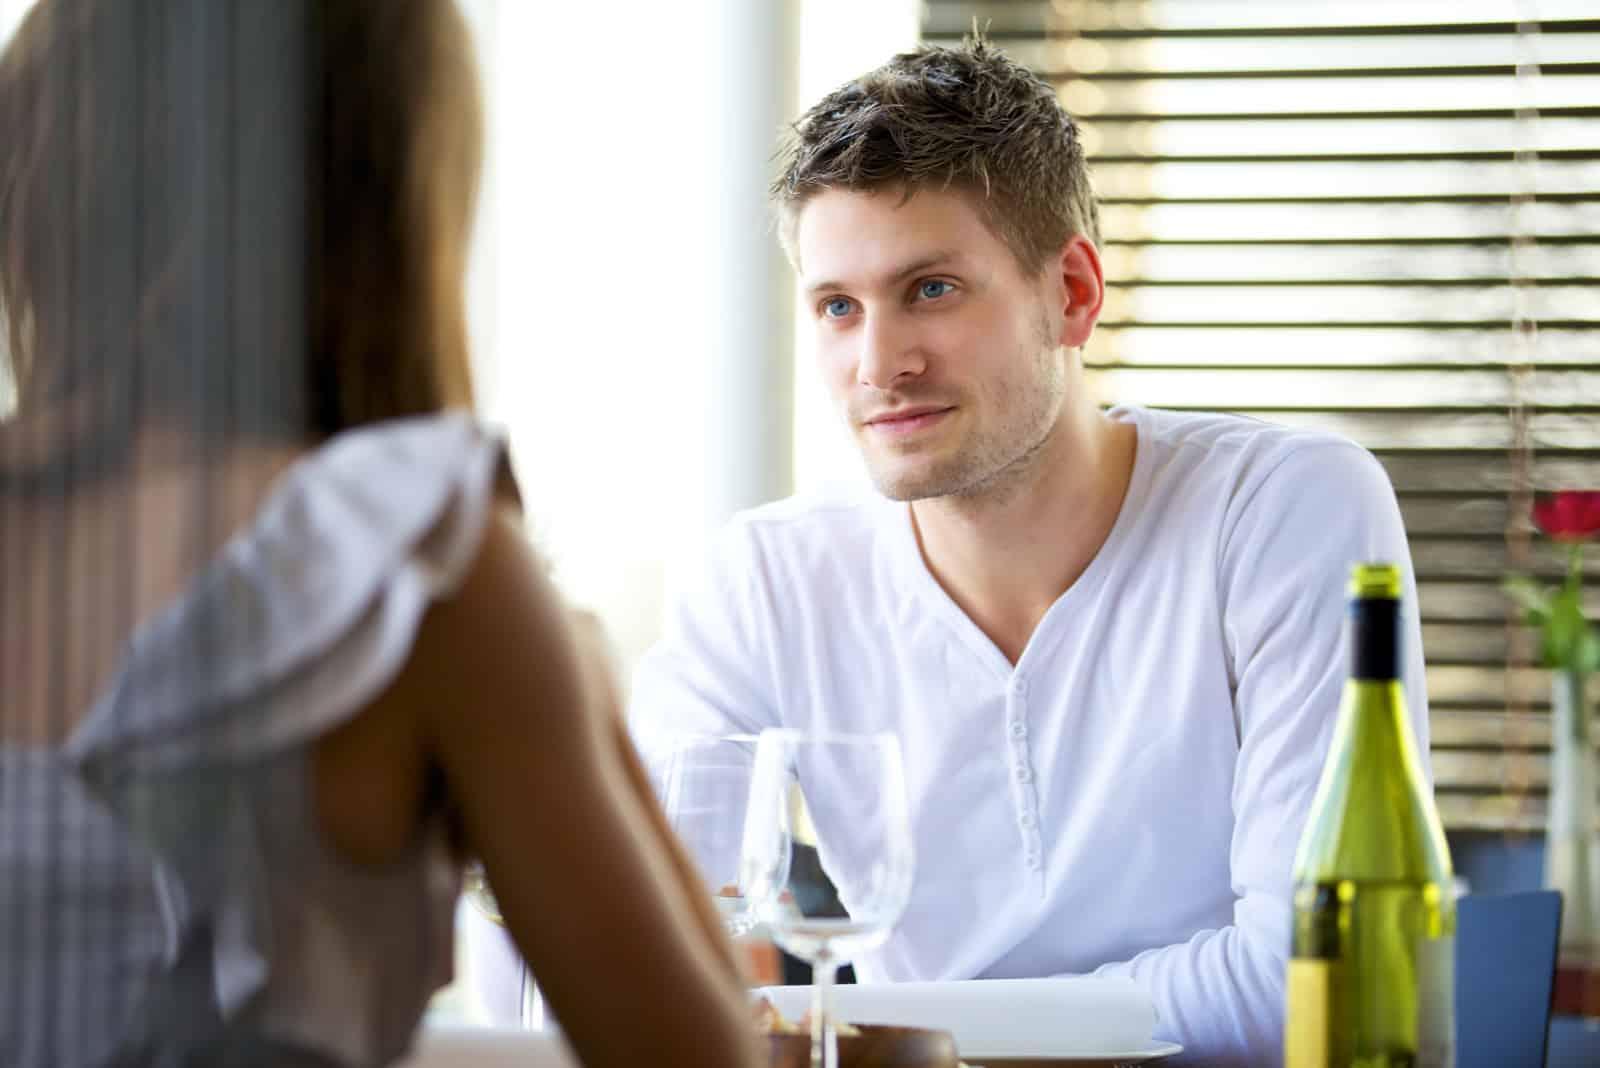 Mann in einem ernsthaften Gespräch mit seiner Freundin